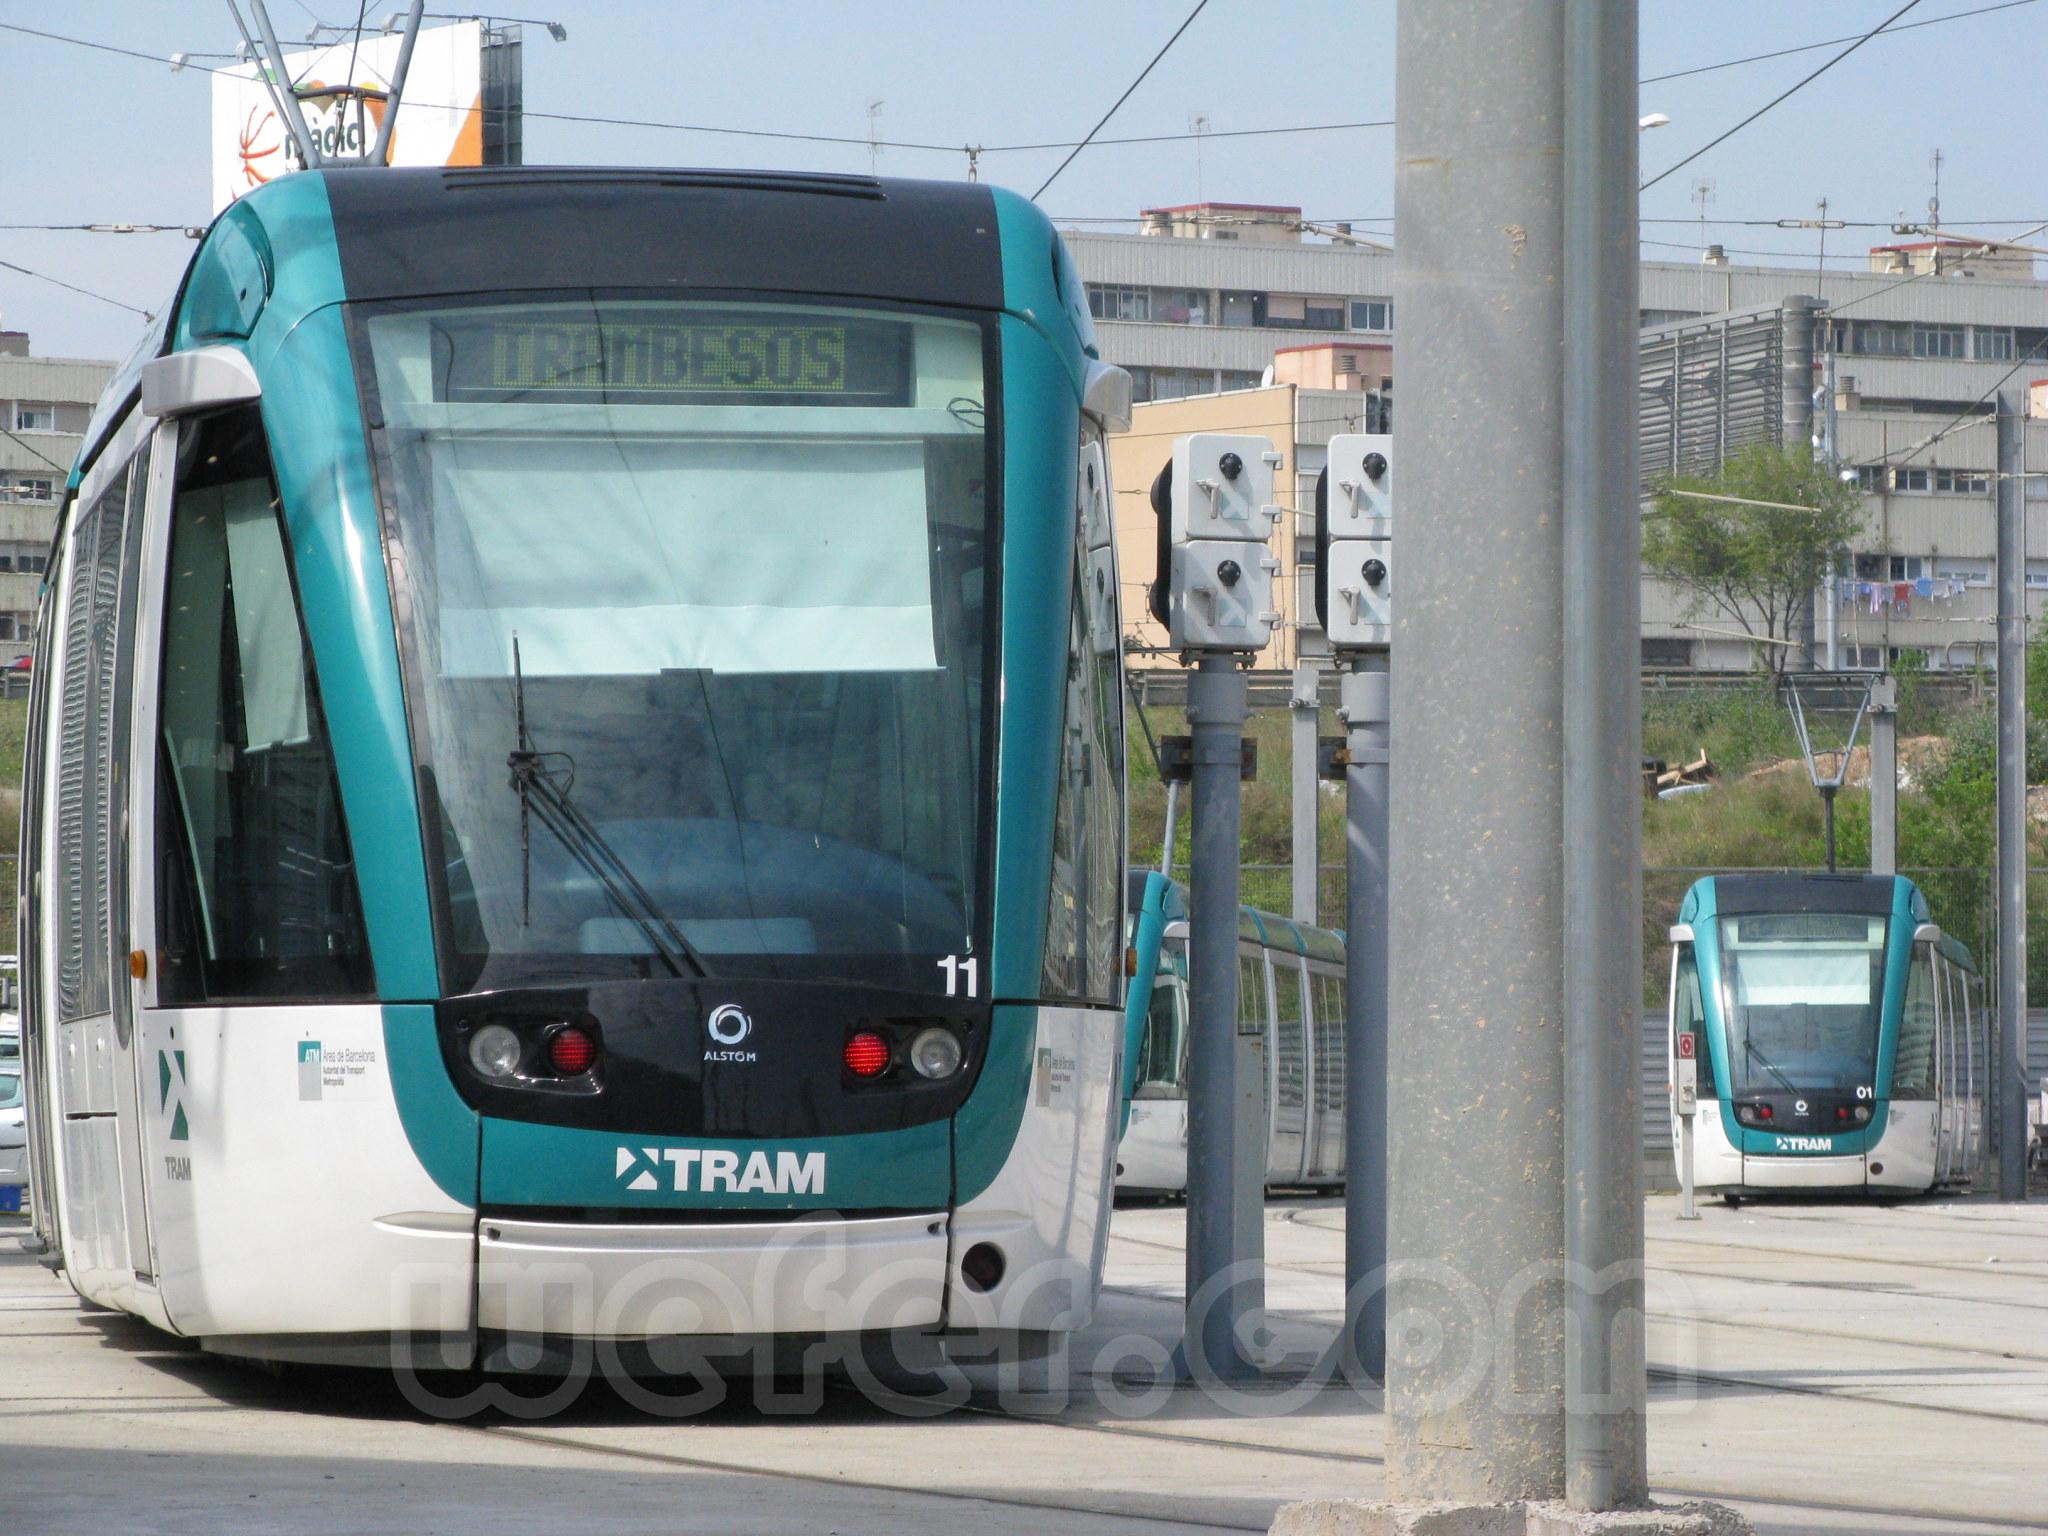 Tramvia Metropolità de Barcelona (TRAM)